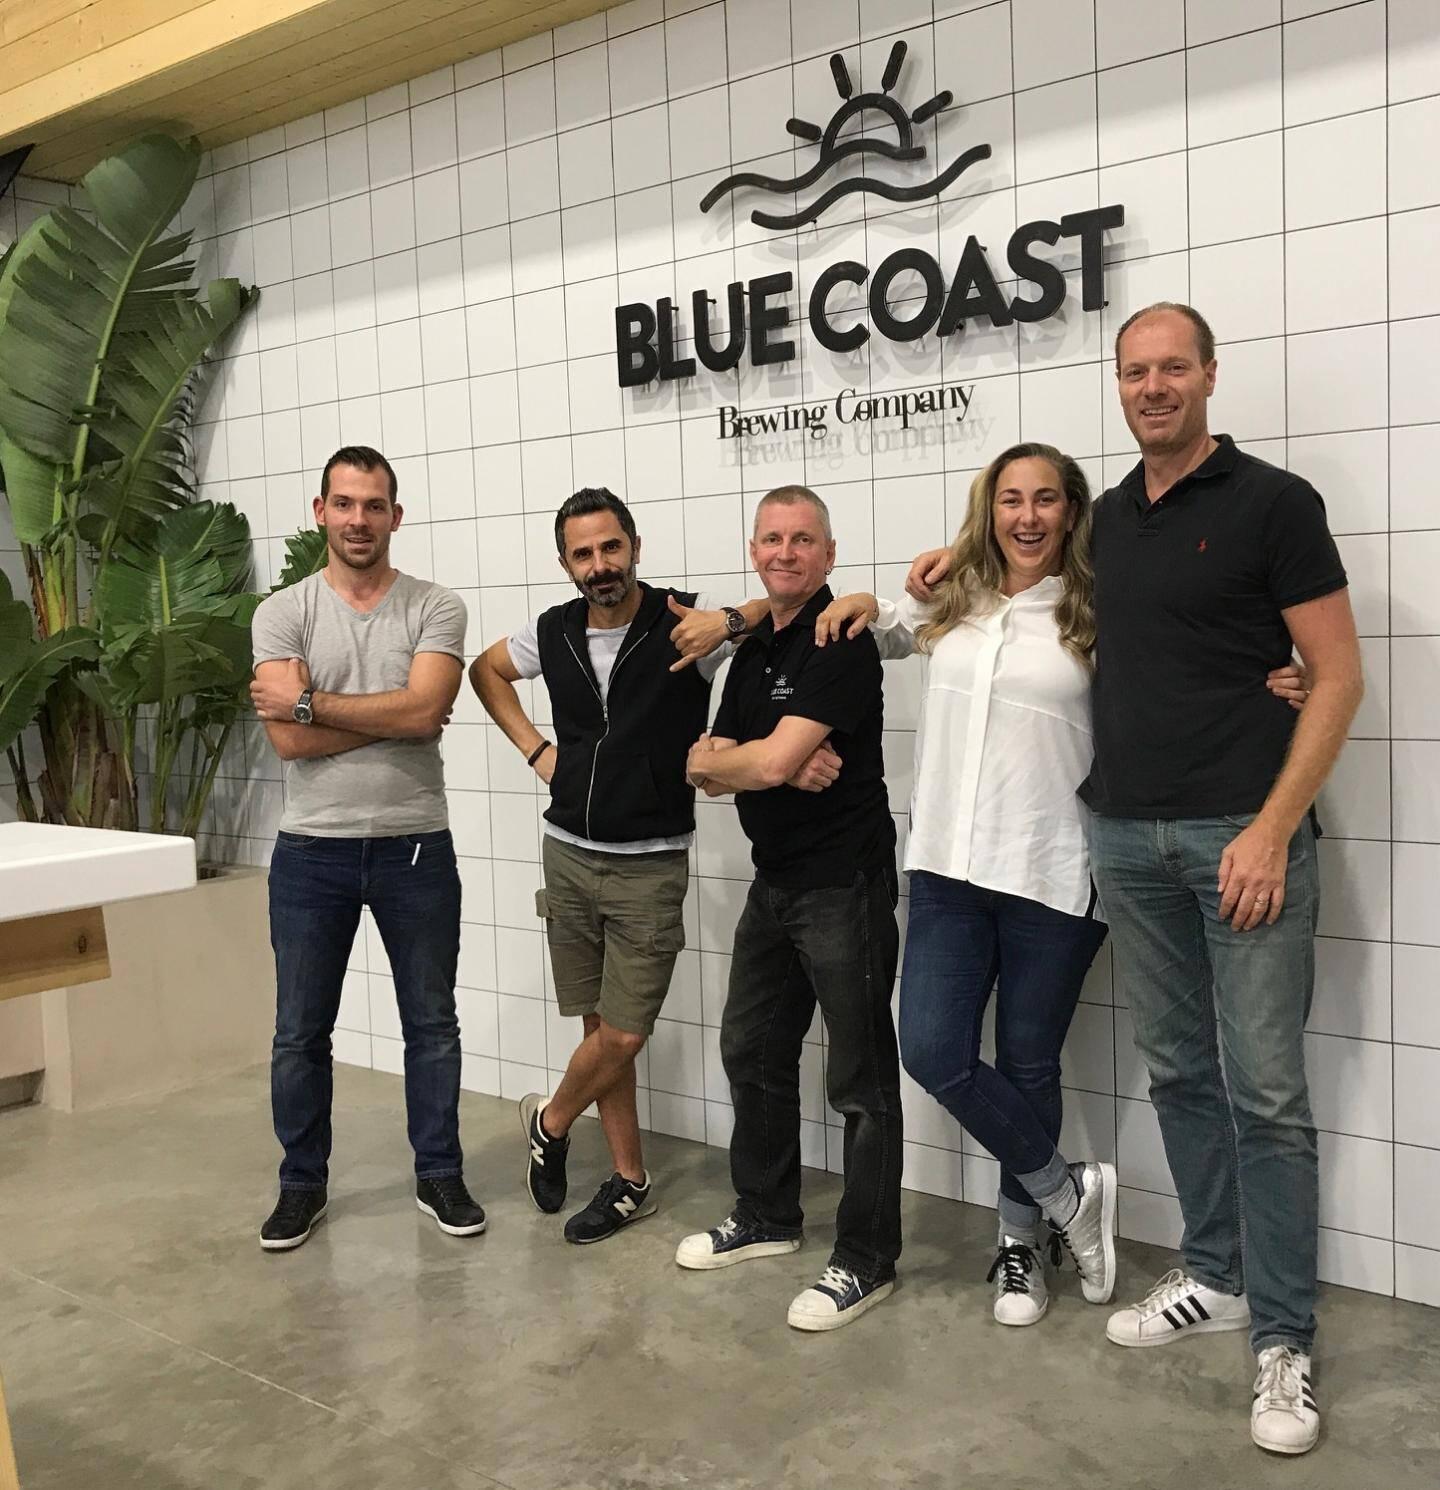 L'équipe de Blue Coast entend miser sur une tendance mondiale du retour à la bière artisanale, qui démarre fort en France.(DR)